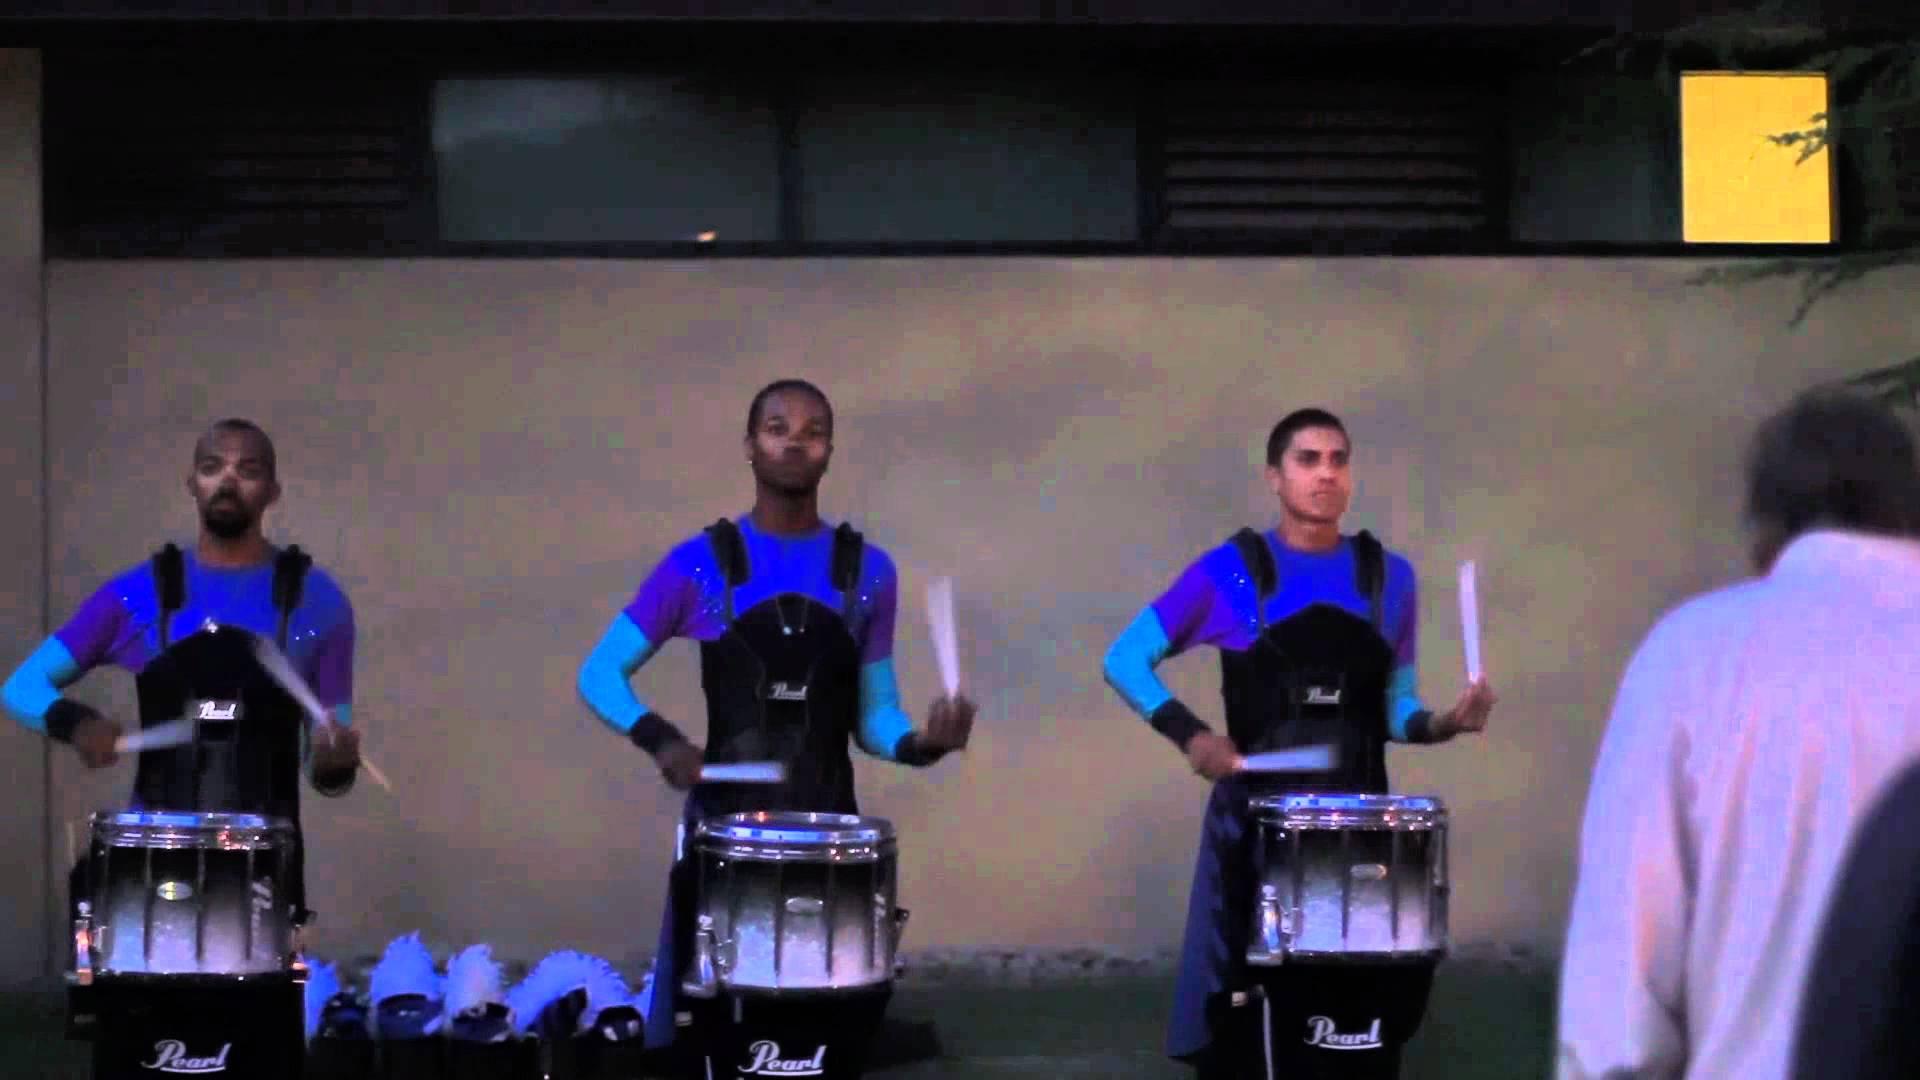 Blue Devils 2012 Drumline Book 1 – Opener HD [**1080p**]